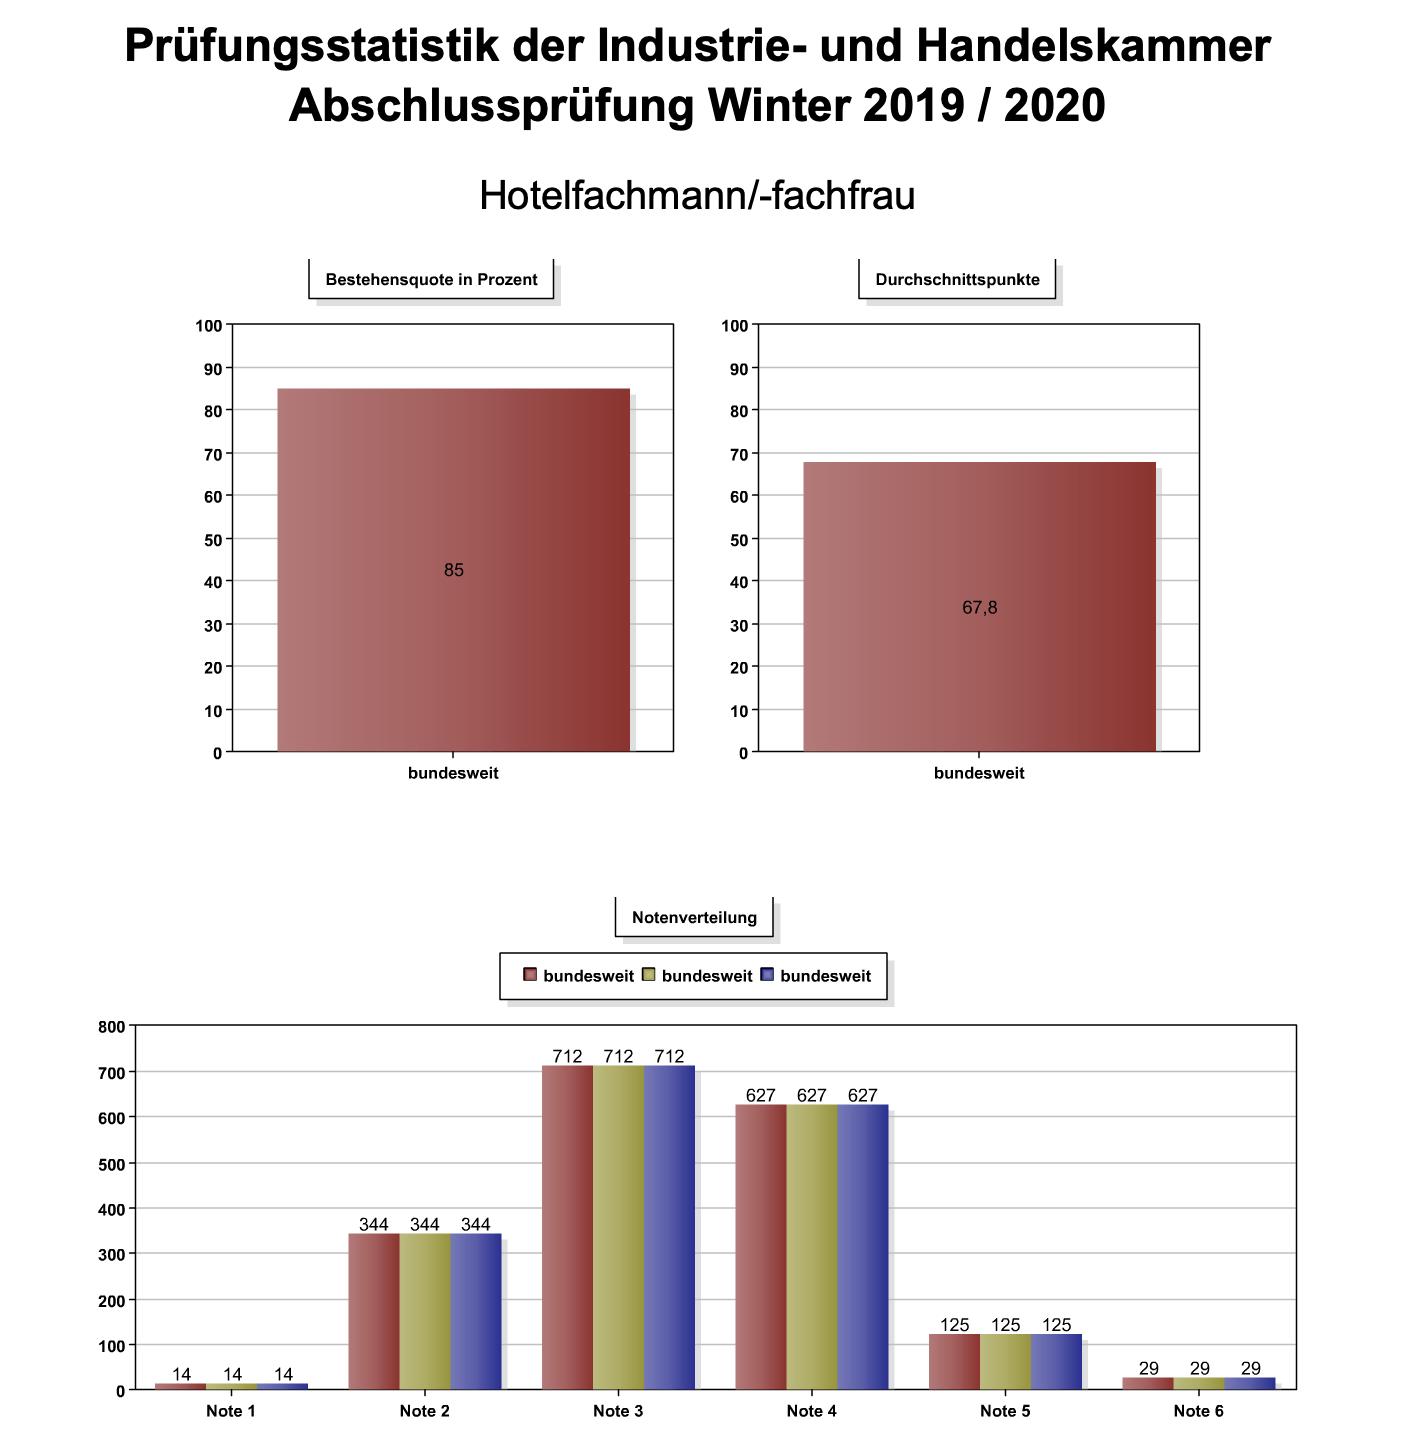 Prüfungsstatistik der Industrie- und Handelskammer Abschlussprüfung Winter 2019 / 2020 Hotelfachmann/-fachfrau